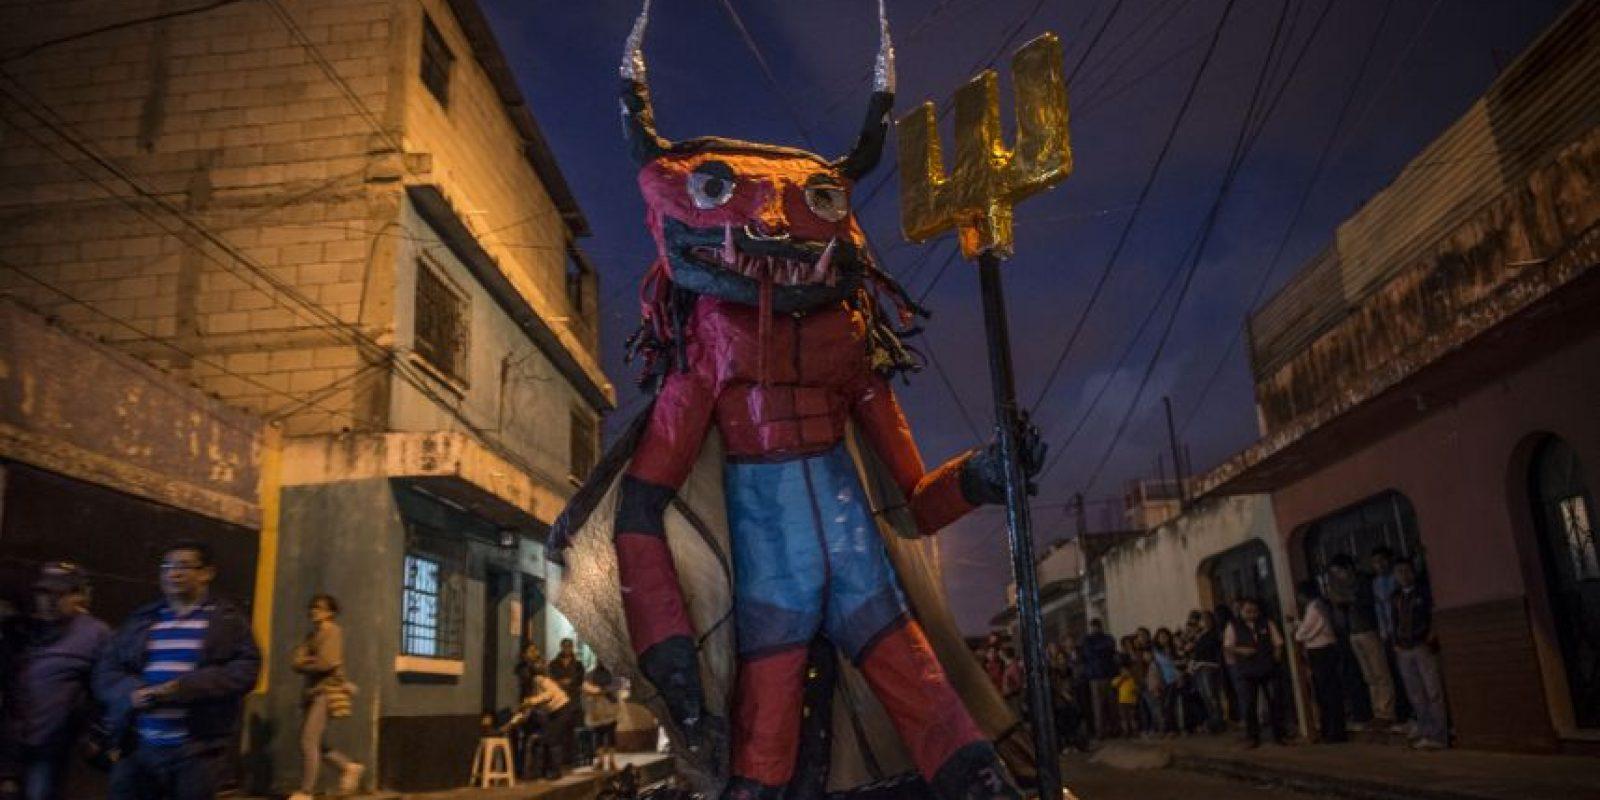 Lucifer en piñata. Vecinos de la zona 3 quemaron este Diablo de 3 metros. Foto:Oliver de Ros